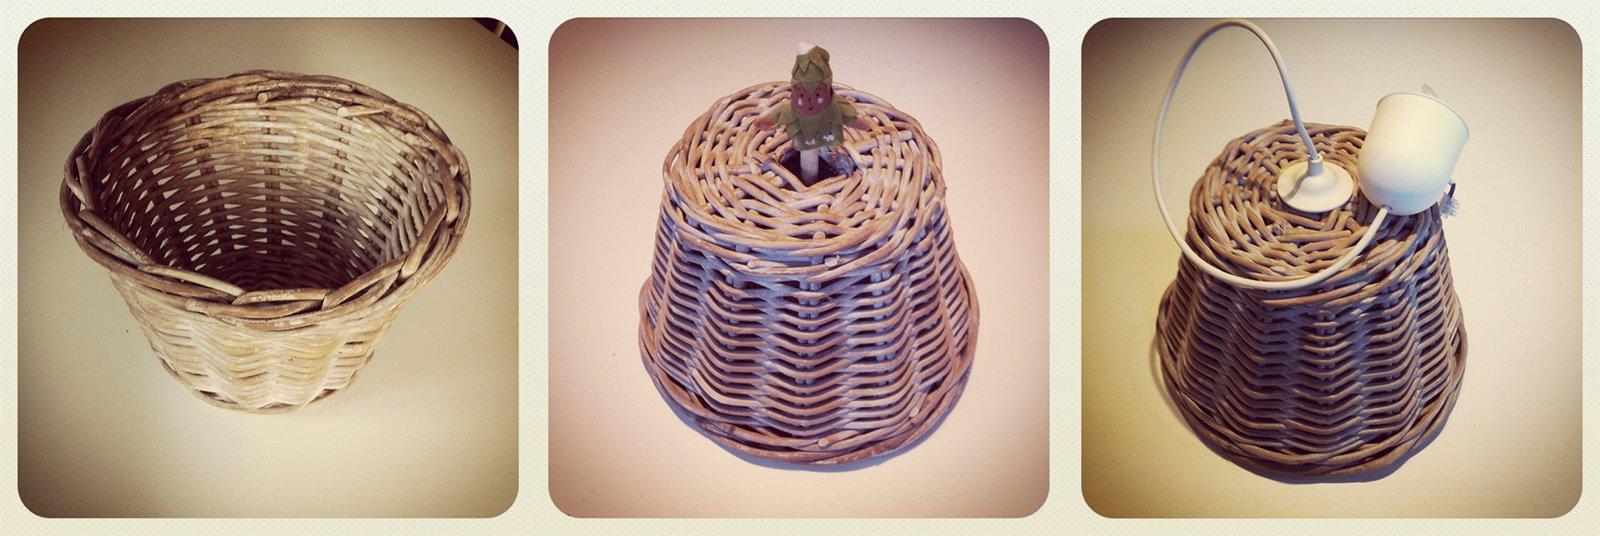 lampadari in rattan : Lampade low cost che personalizzano lambiente - Cose di Casa